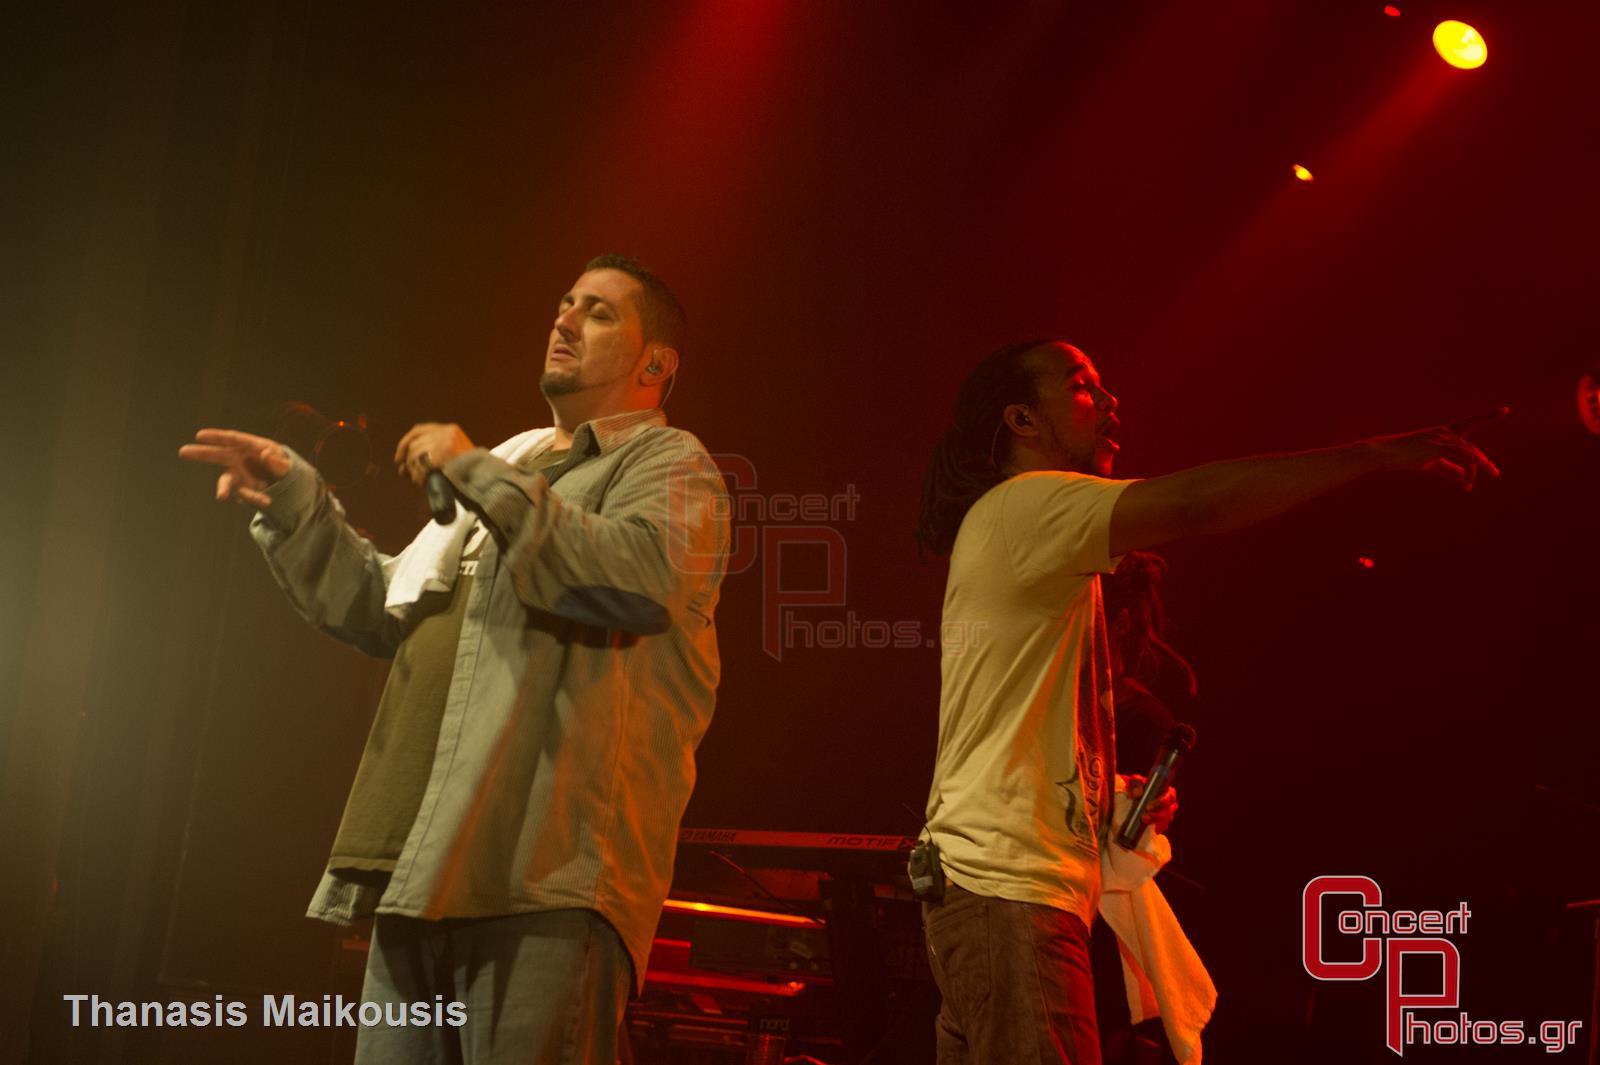 Dub Inc-Dub Inc photographer: Thanasis Maikousis - concertphotos_-5605